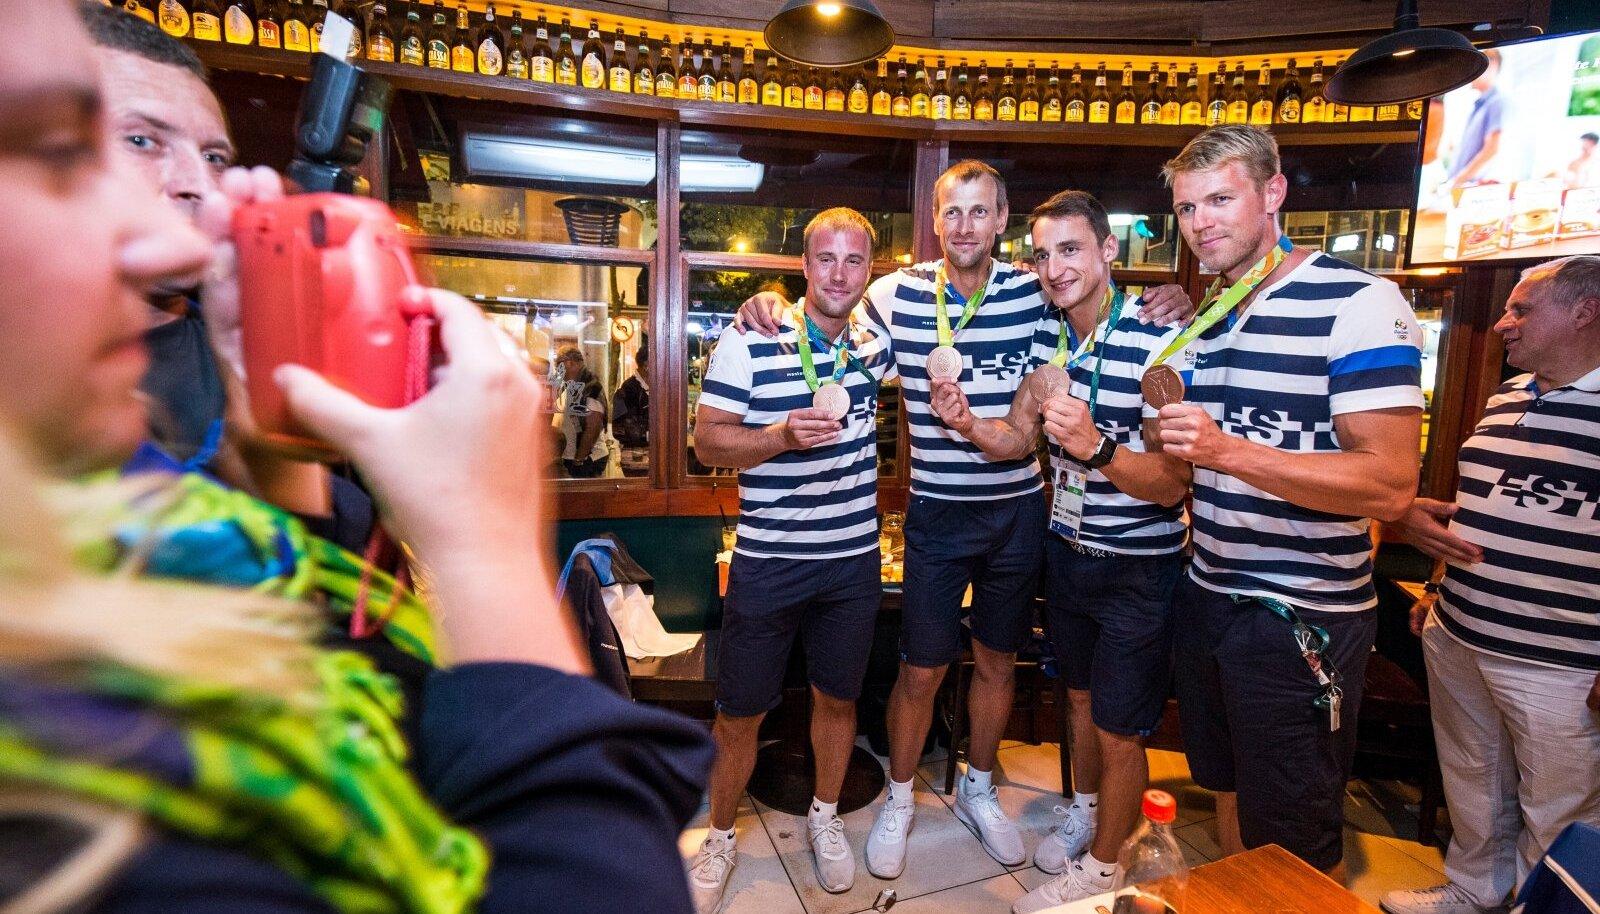 Viimase olümpiamedali võitis Eestile viis aastat tagasi Rios meie neljapaat.